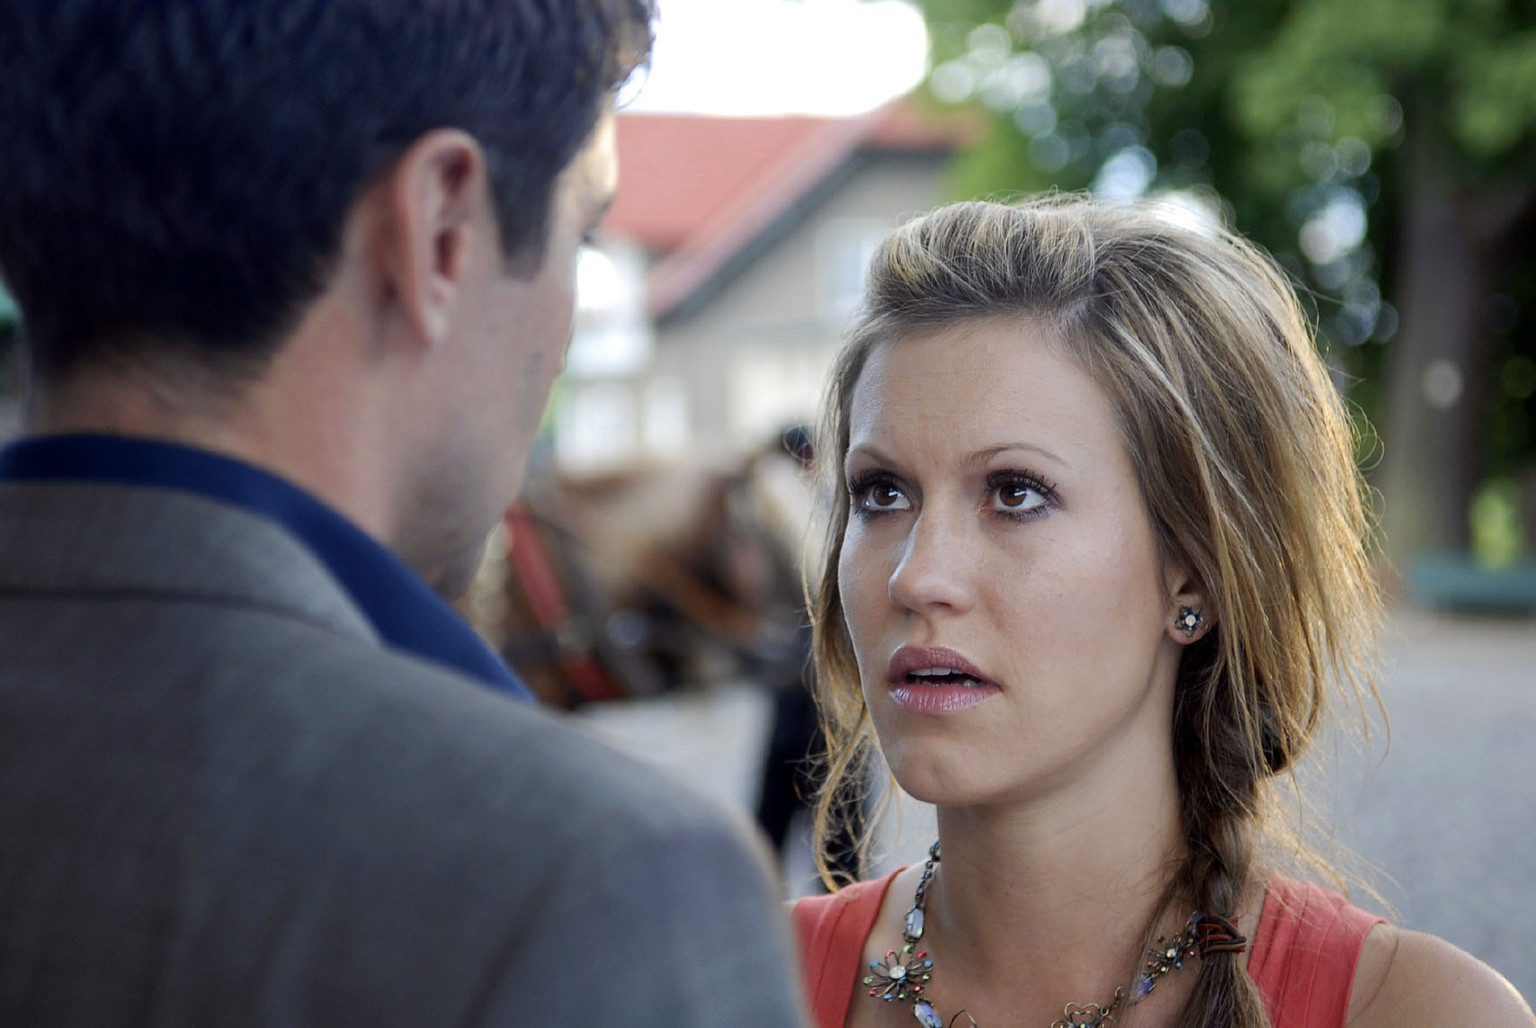 Frederik (Oliver Bootz, l.) erwartet eine Erklärung zu ihr und Tom. Noch nie in seinem Leben hat ihn jemand so enttäuscht wie Jackie. - c910d5cb29d9a141cb0bdc71be1ac23d-original